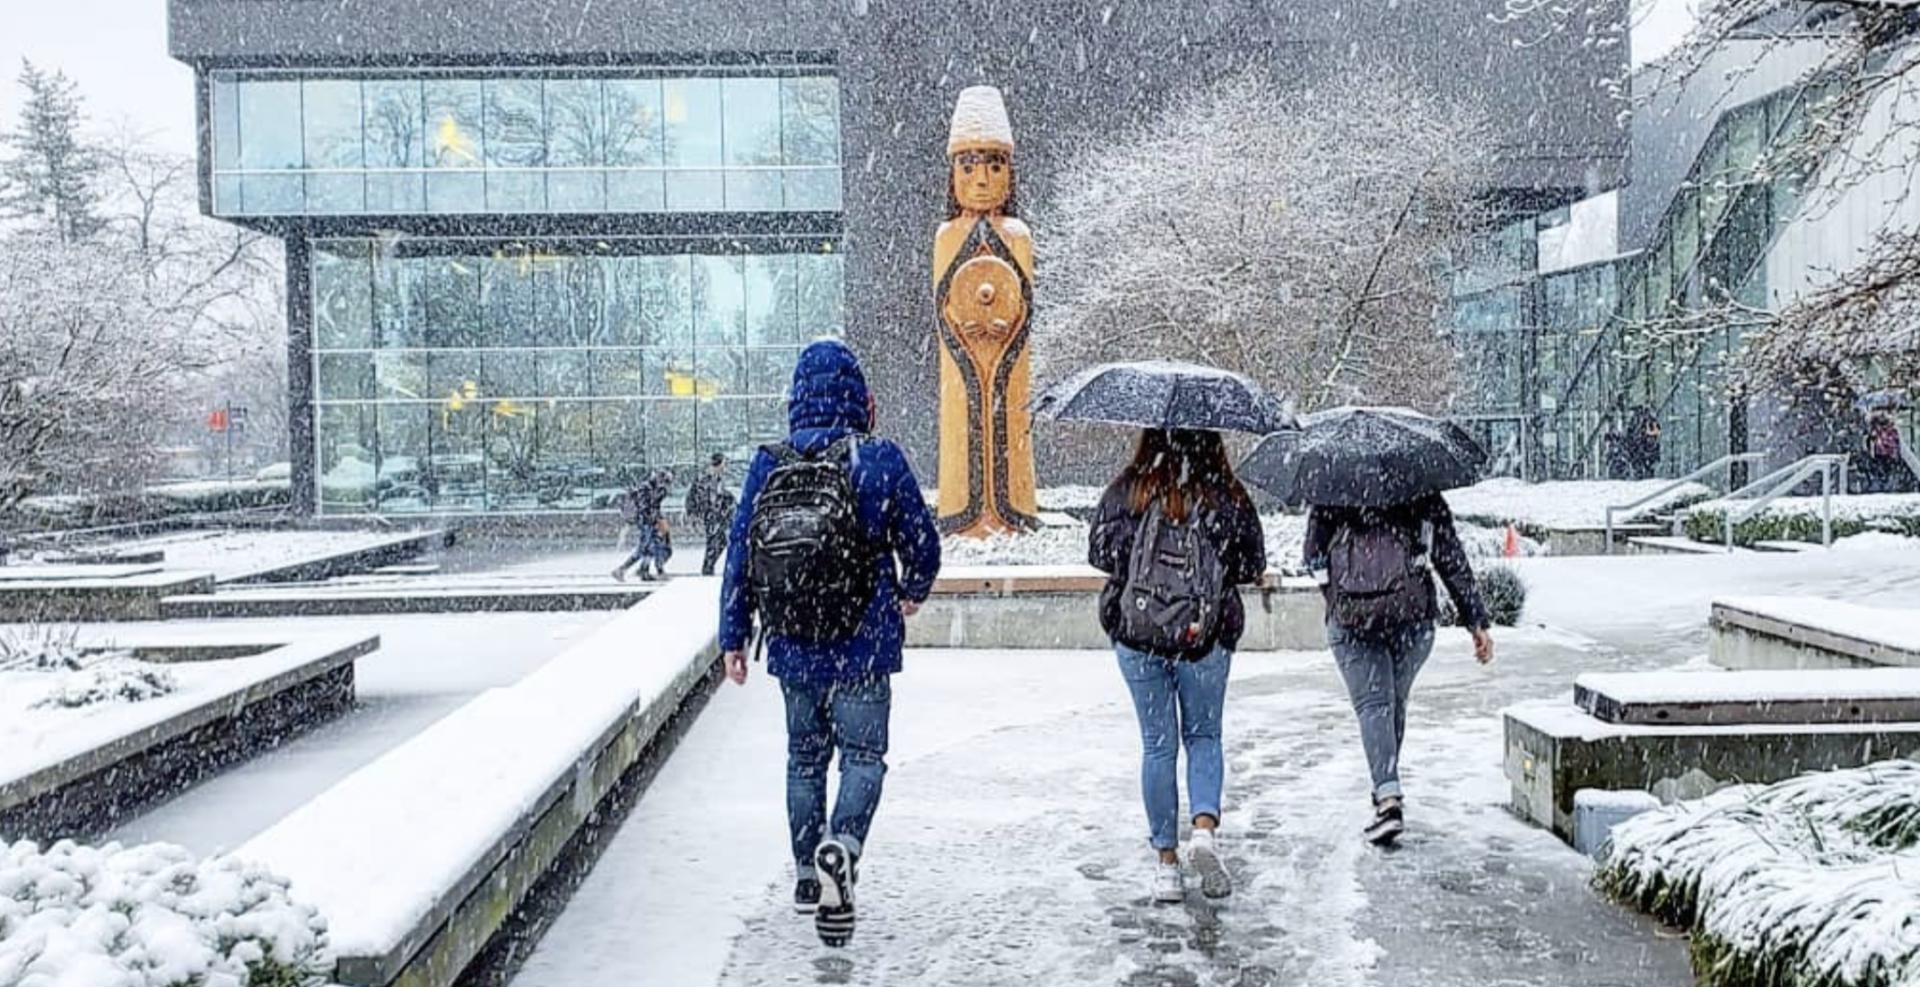 Langara College announces campus closure due to snow